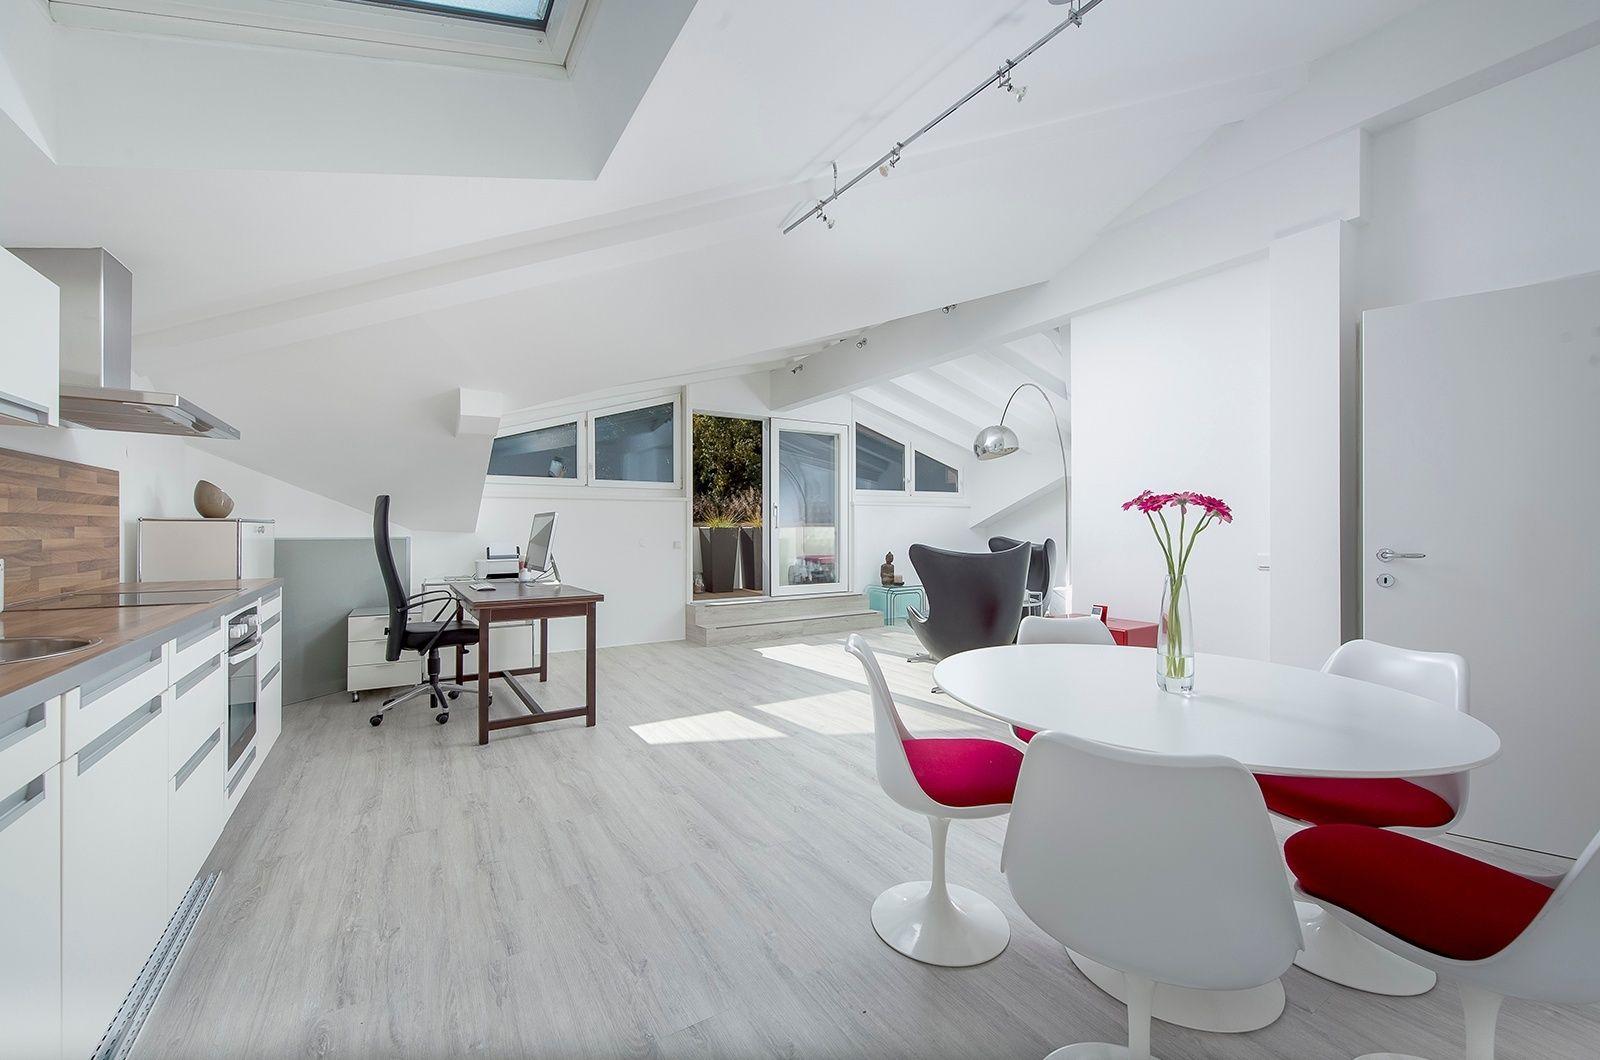 Der besonders helle #Wohnraum kann bei maximalen Sonneneinfluss mit intelligent angelegten #Sonnensegeln kontrolliert werden.